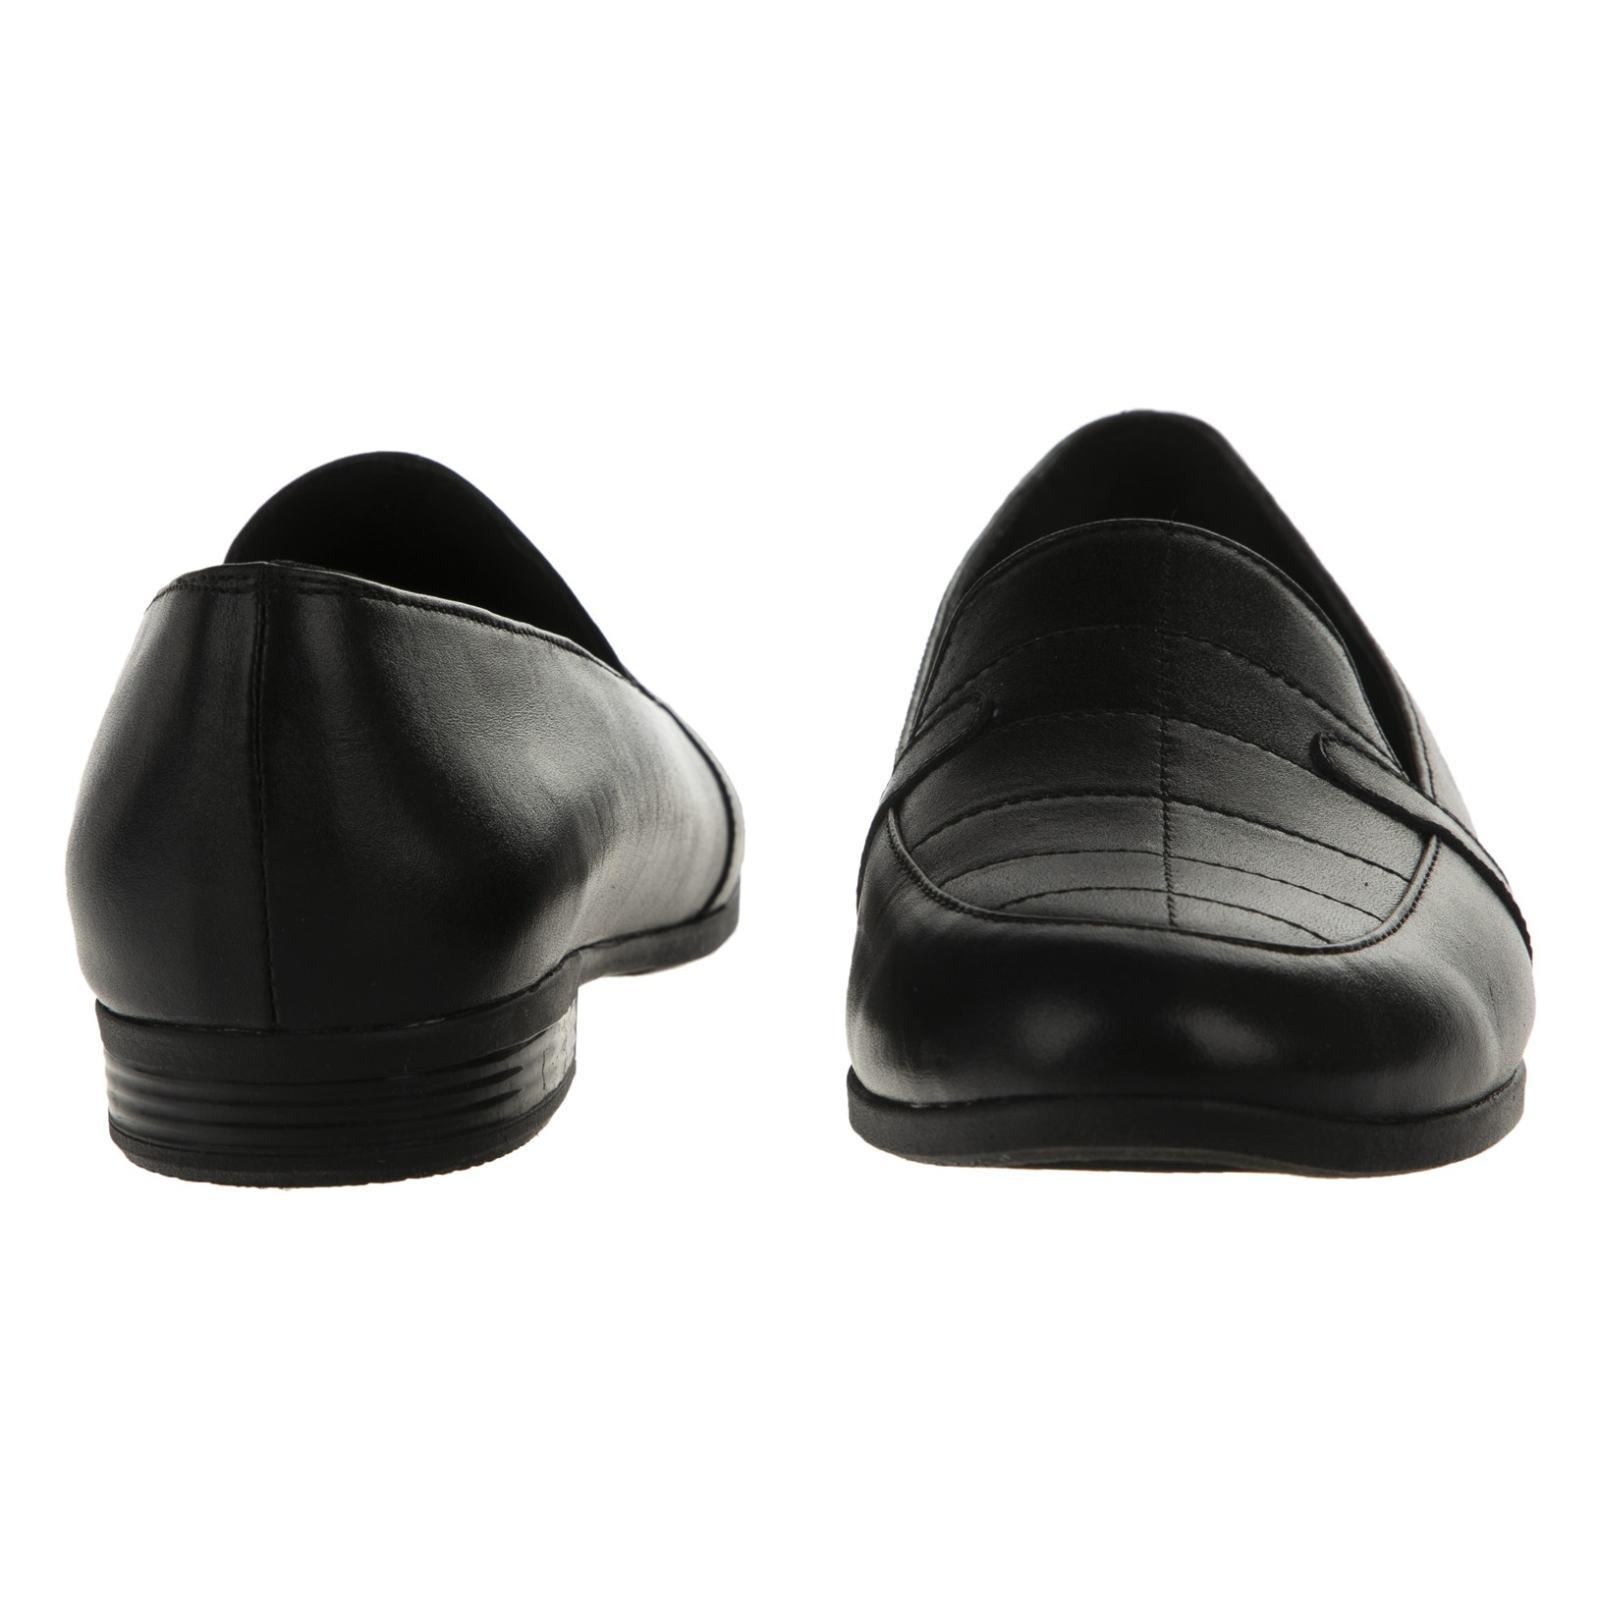 کفش زنانه شیفر مدل 5263A-101 -  - 5